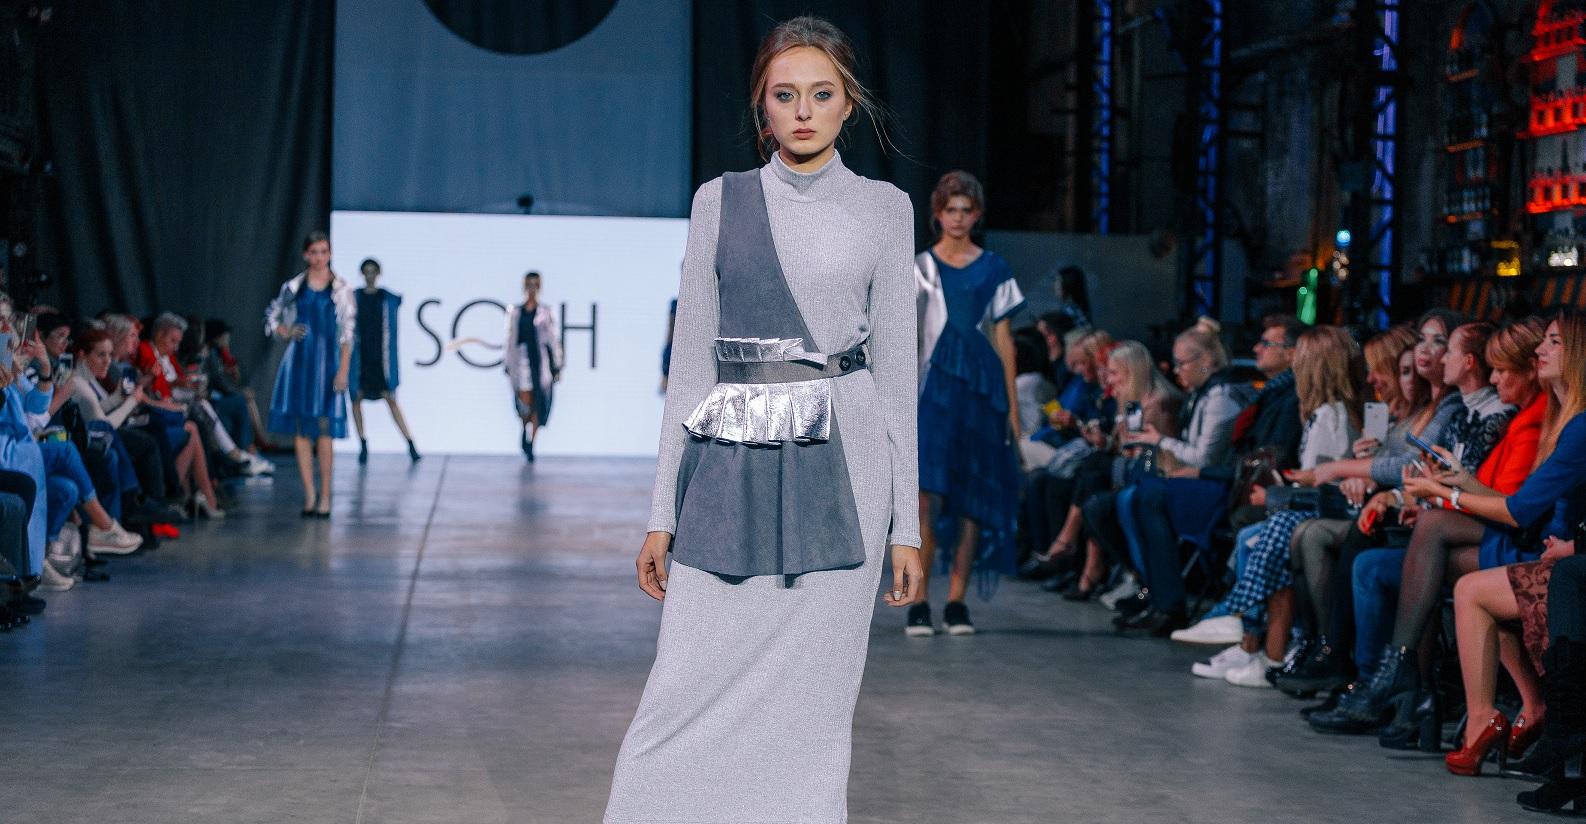 Фестиваль моди та Ярмарок стартапів: у Харкові провели низку іміджевих заходів